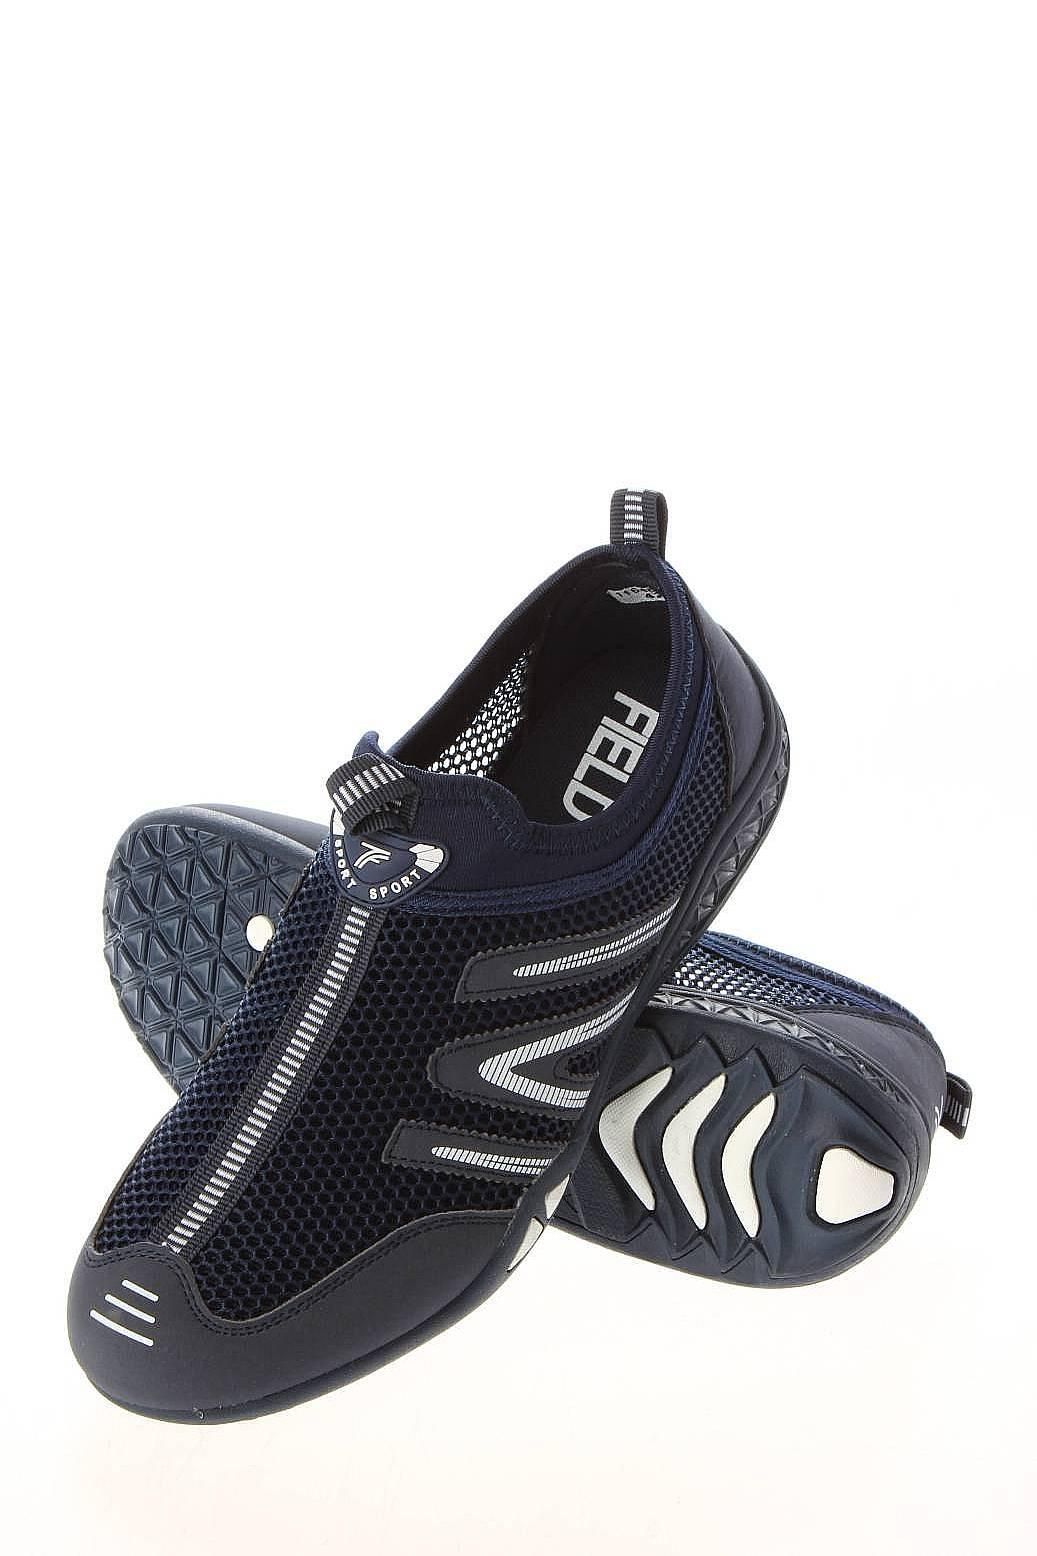 Мужская Обувь Кроссовки: TF-Torsion Field Обувь